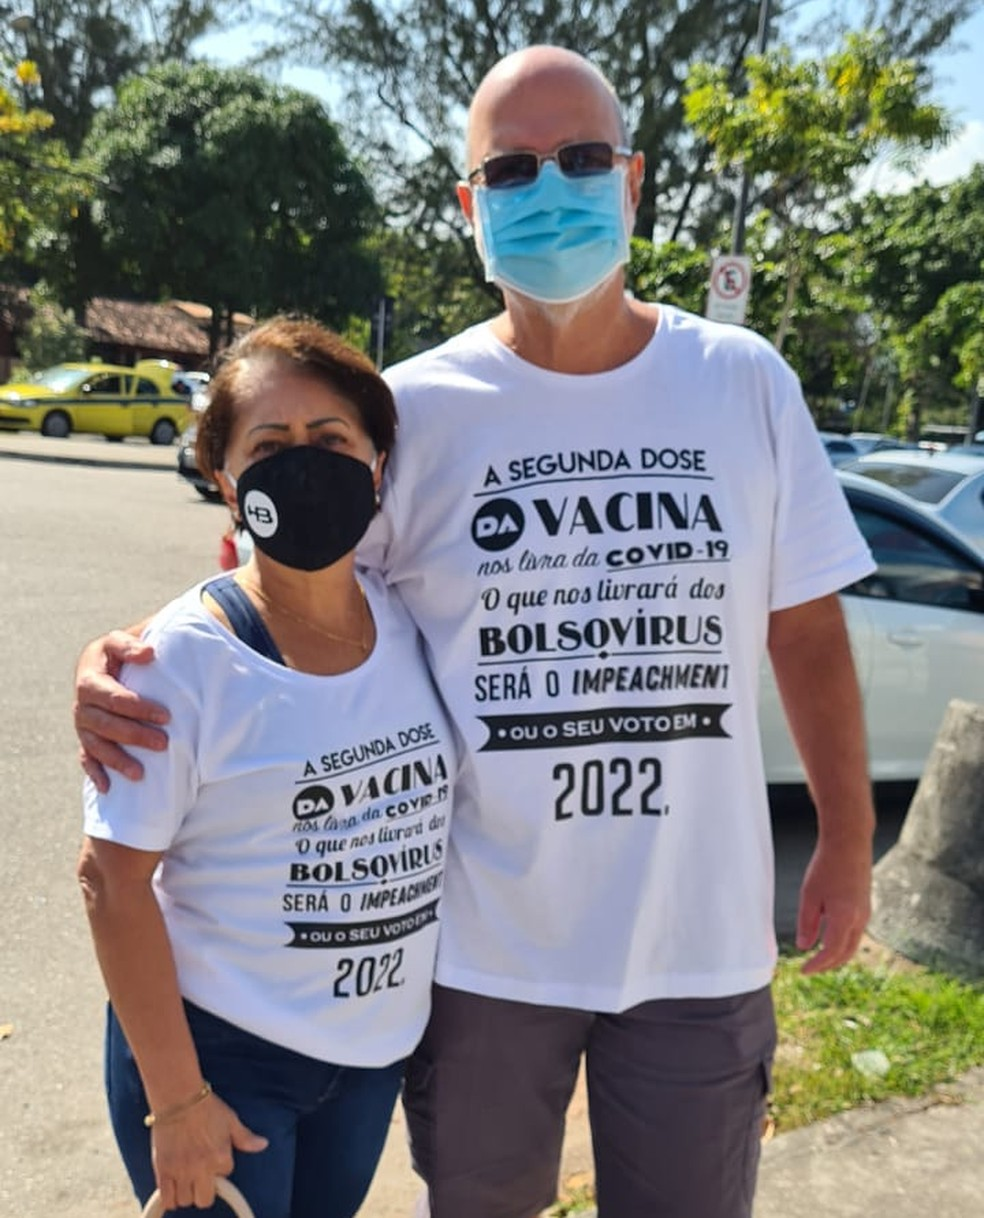 A imagem mostra um casal vestindo camiseta com mensagem anti-Bolsonaro